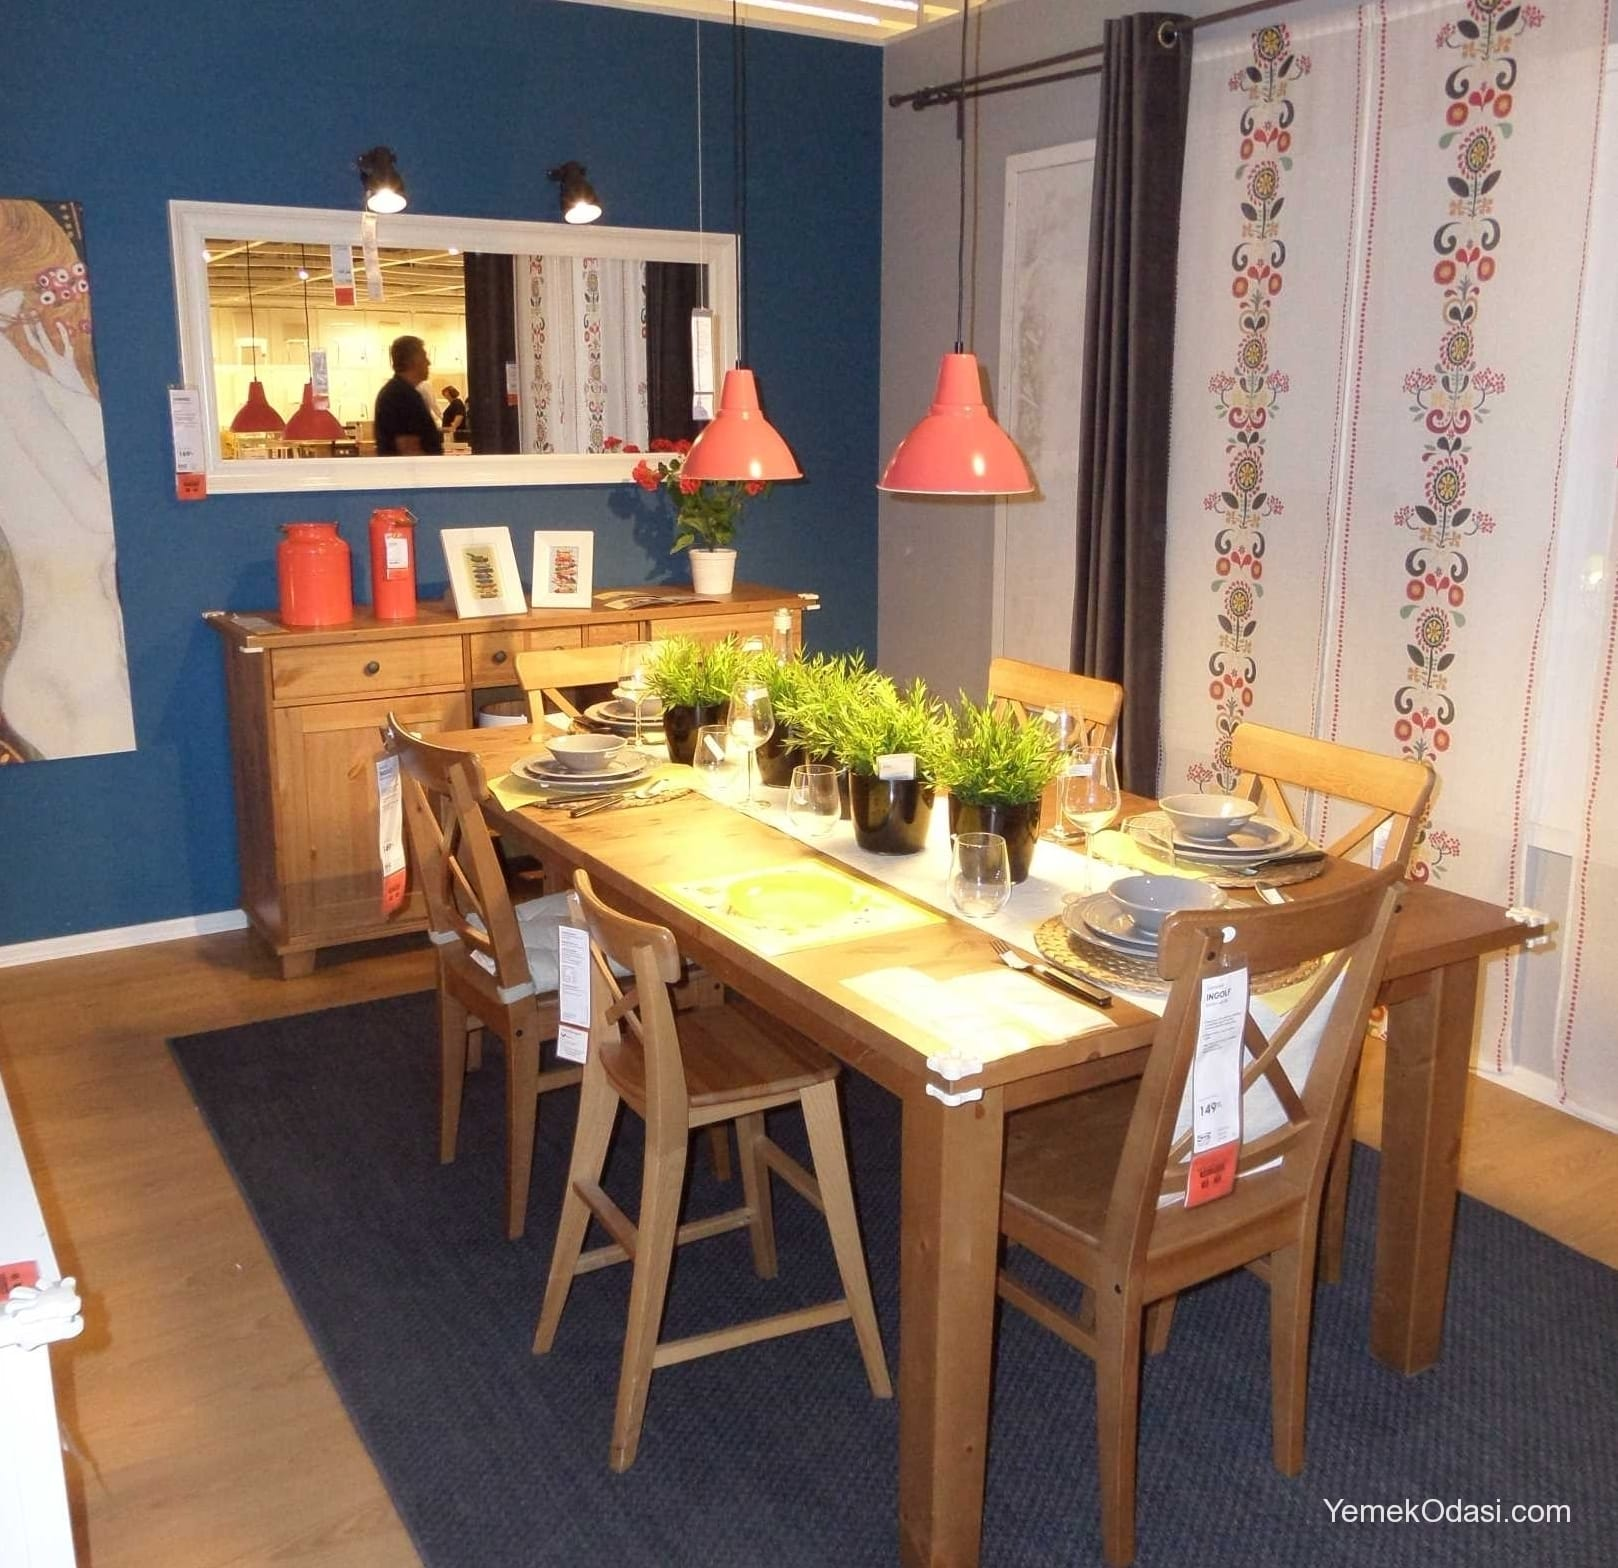 Ikea Yemek Odası Modelleri Yemek Odası Ve Dekorasyon